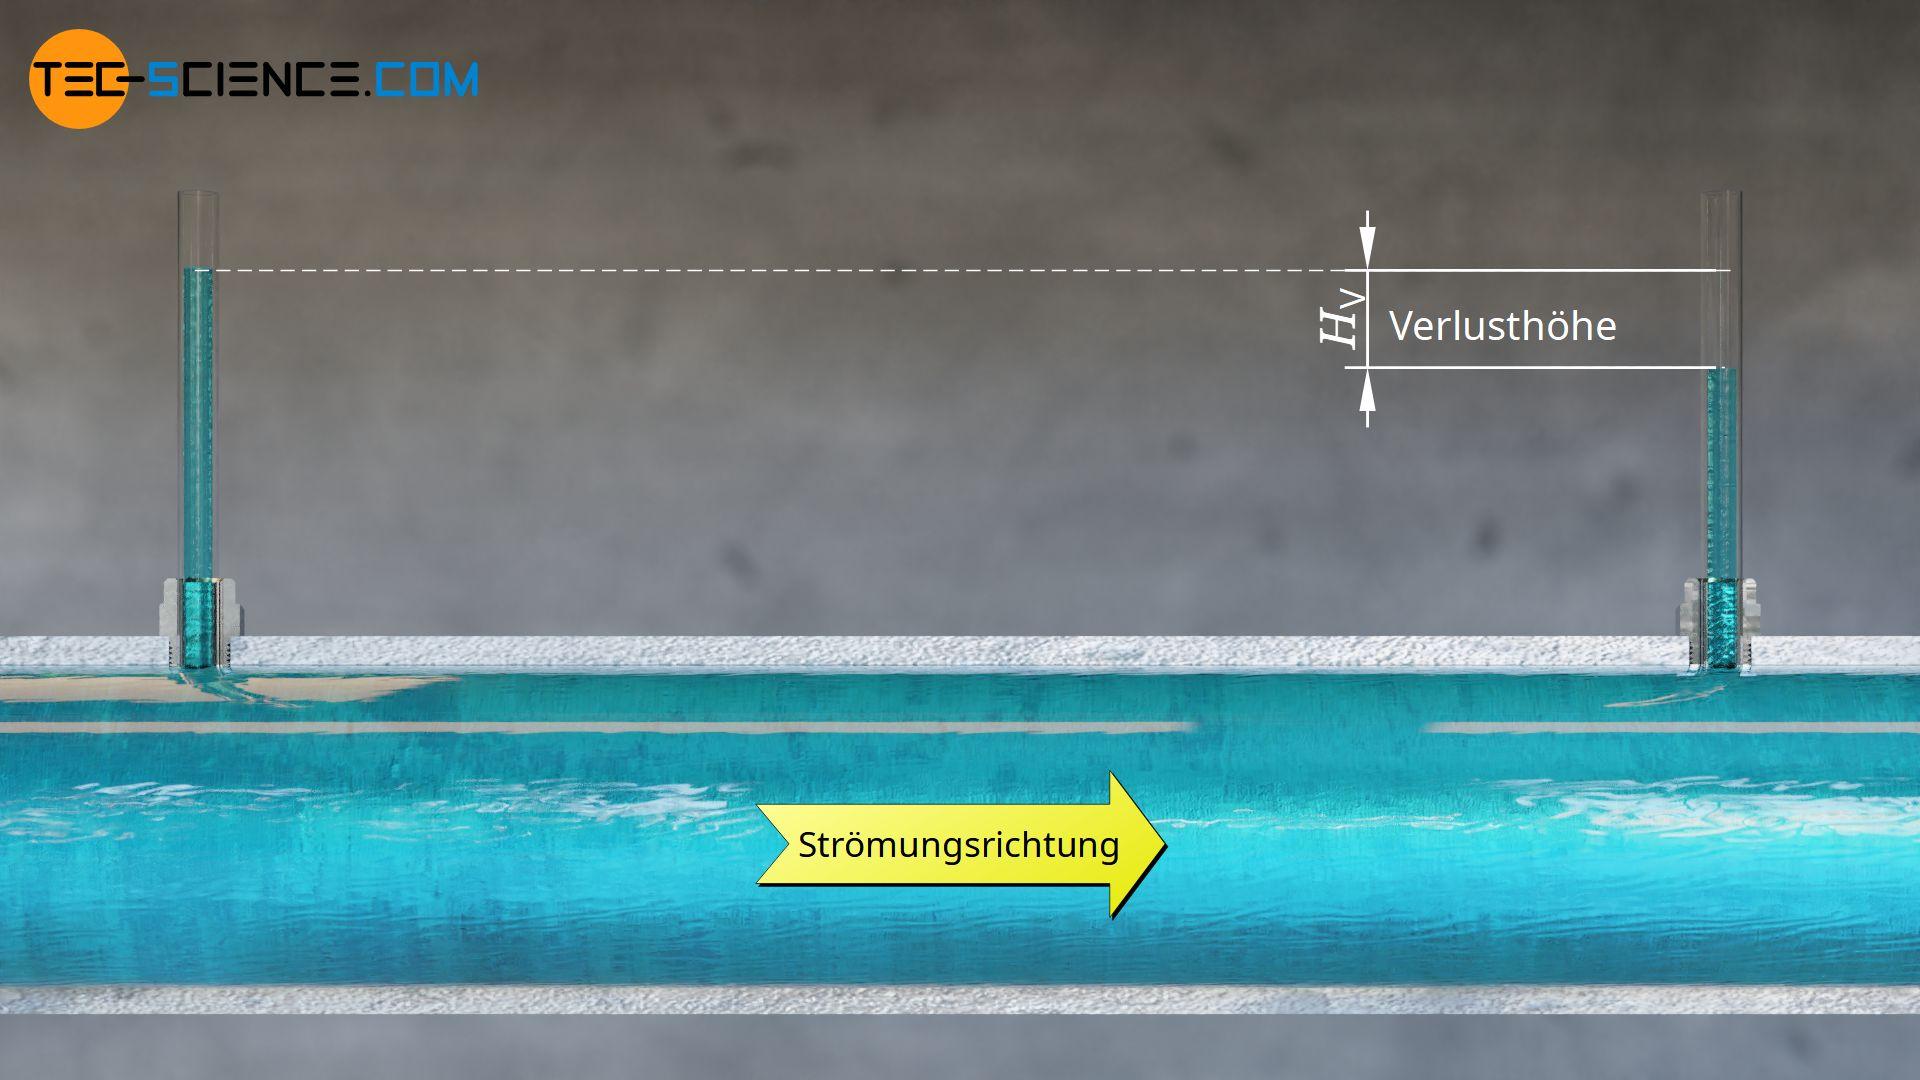 Verlusthöhe am Beispiel einer vertikalen Rohrleitung